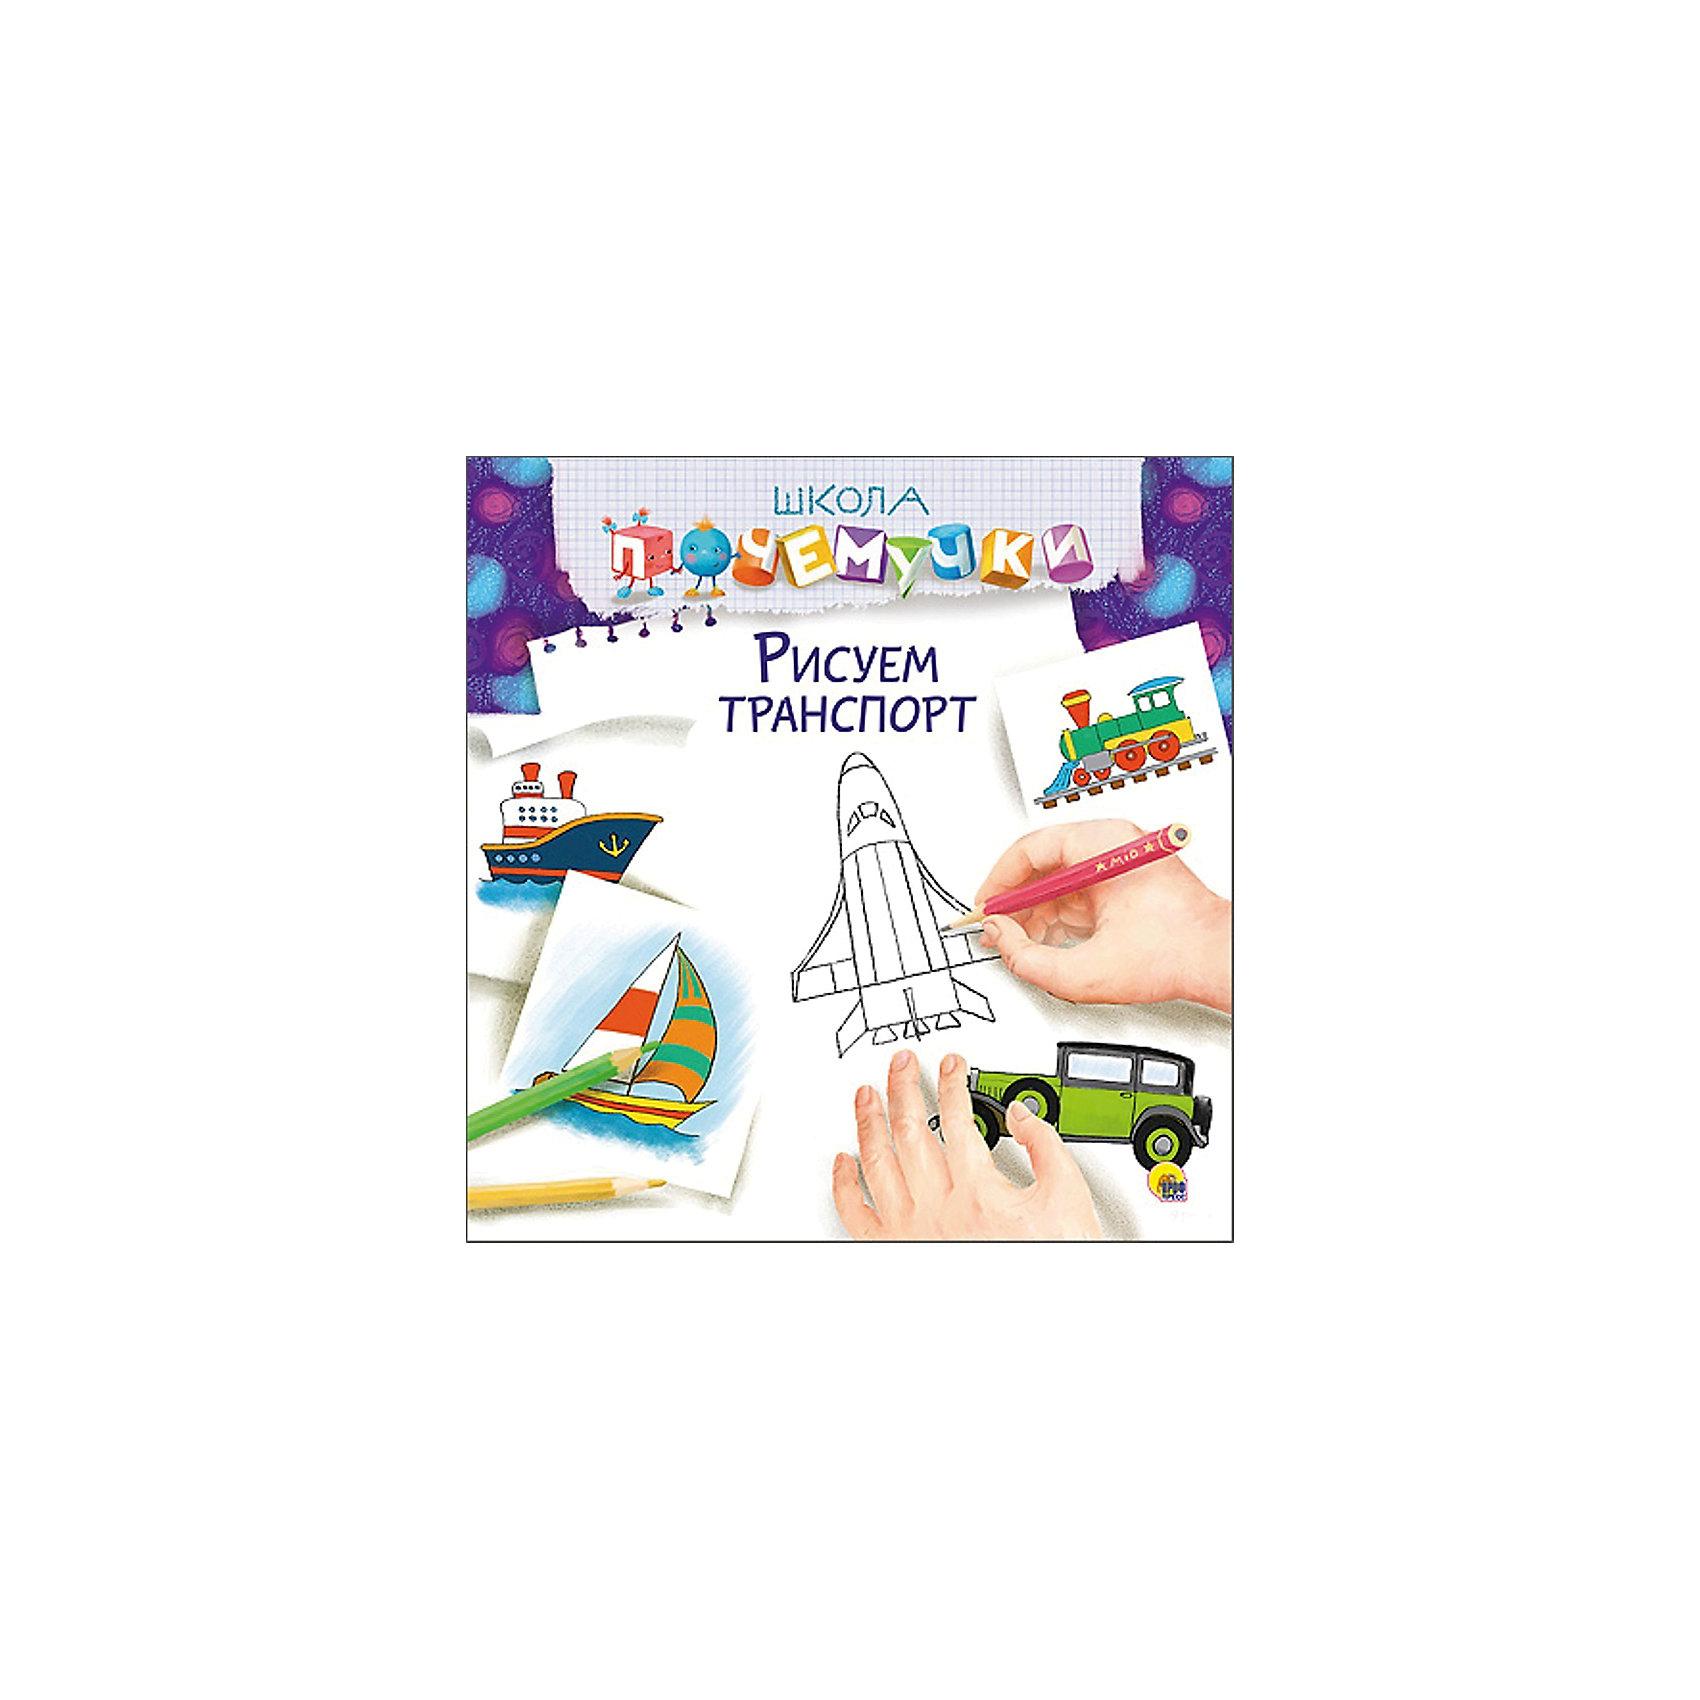 Рисуем транспорт, Школа почемучкиРисование<br>Книжки с пошаговым руководством, учащие рисовать, помогают детям познавать мир и учиться многим вещам, а также позволяют ребенку весело проводить время. Эти издания стимулируют развитие мелкой моторики, воображения, логики и творческого мышления, помогают формированию художественных навыков в раннем возрасте.<br>Данная книга содержит множество вариантов картинок, которые можно нарисовать малышу, повторяя простые линии! Такое занятие обязательно понравится ребенку и позволит надолго занять непоседу!<br>  <br>Дополнительная информация:<br><br>страниц: 32; <br>размер: 277x278x2 мм;<br>вес: 131 г.<br><br>Книгу Школа почемучки. Рисуем транспорт от издательства Проф-Пресс можно купить в нашем магазине.<br><br>Ширина мм: 275<br>Глубина мм: 4<br>Высота мм: 280<br>Вес г: 131<br>Возраст от месяцев: 36<br>Возраст до месяцев: 120<br>Пол: Унисекс<br>Возраст: Детский<br>SKU: 4787228